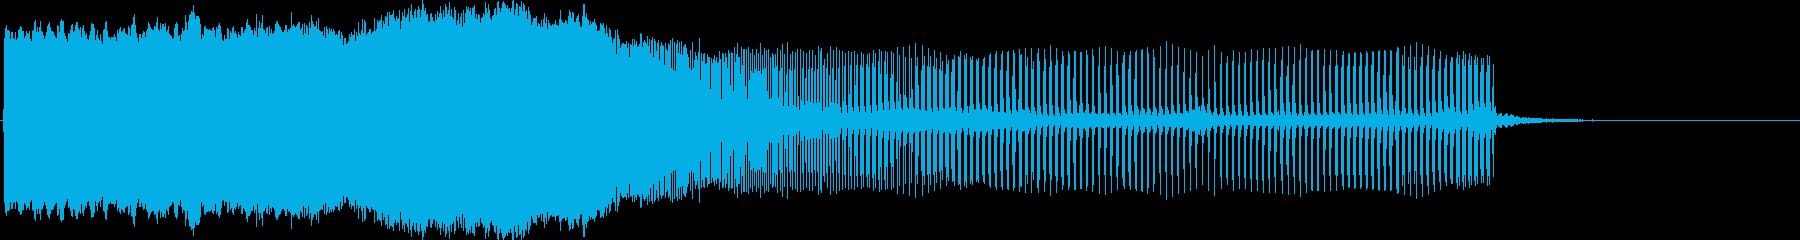 ピィーーーーーーーン(下降)の再生済みの波形